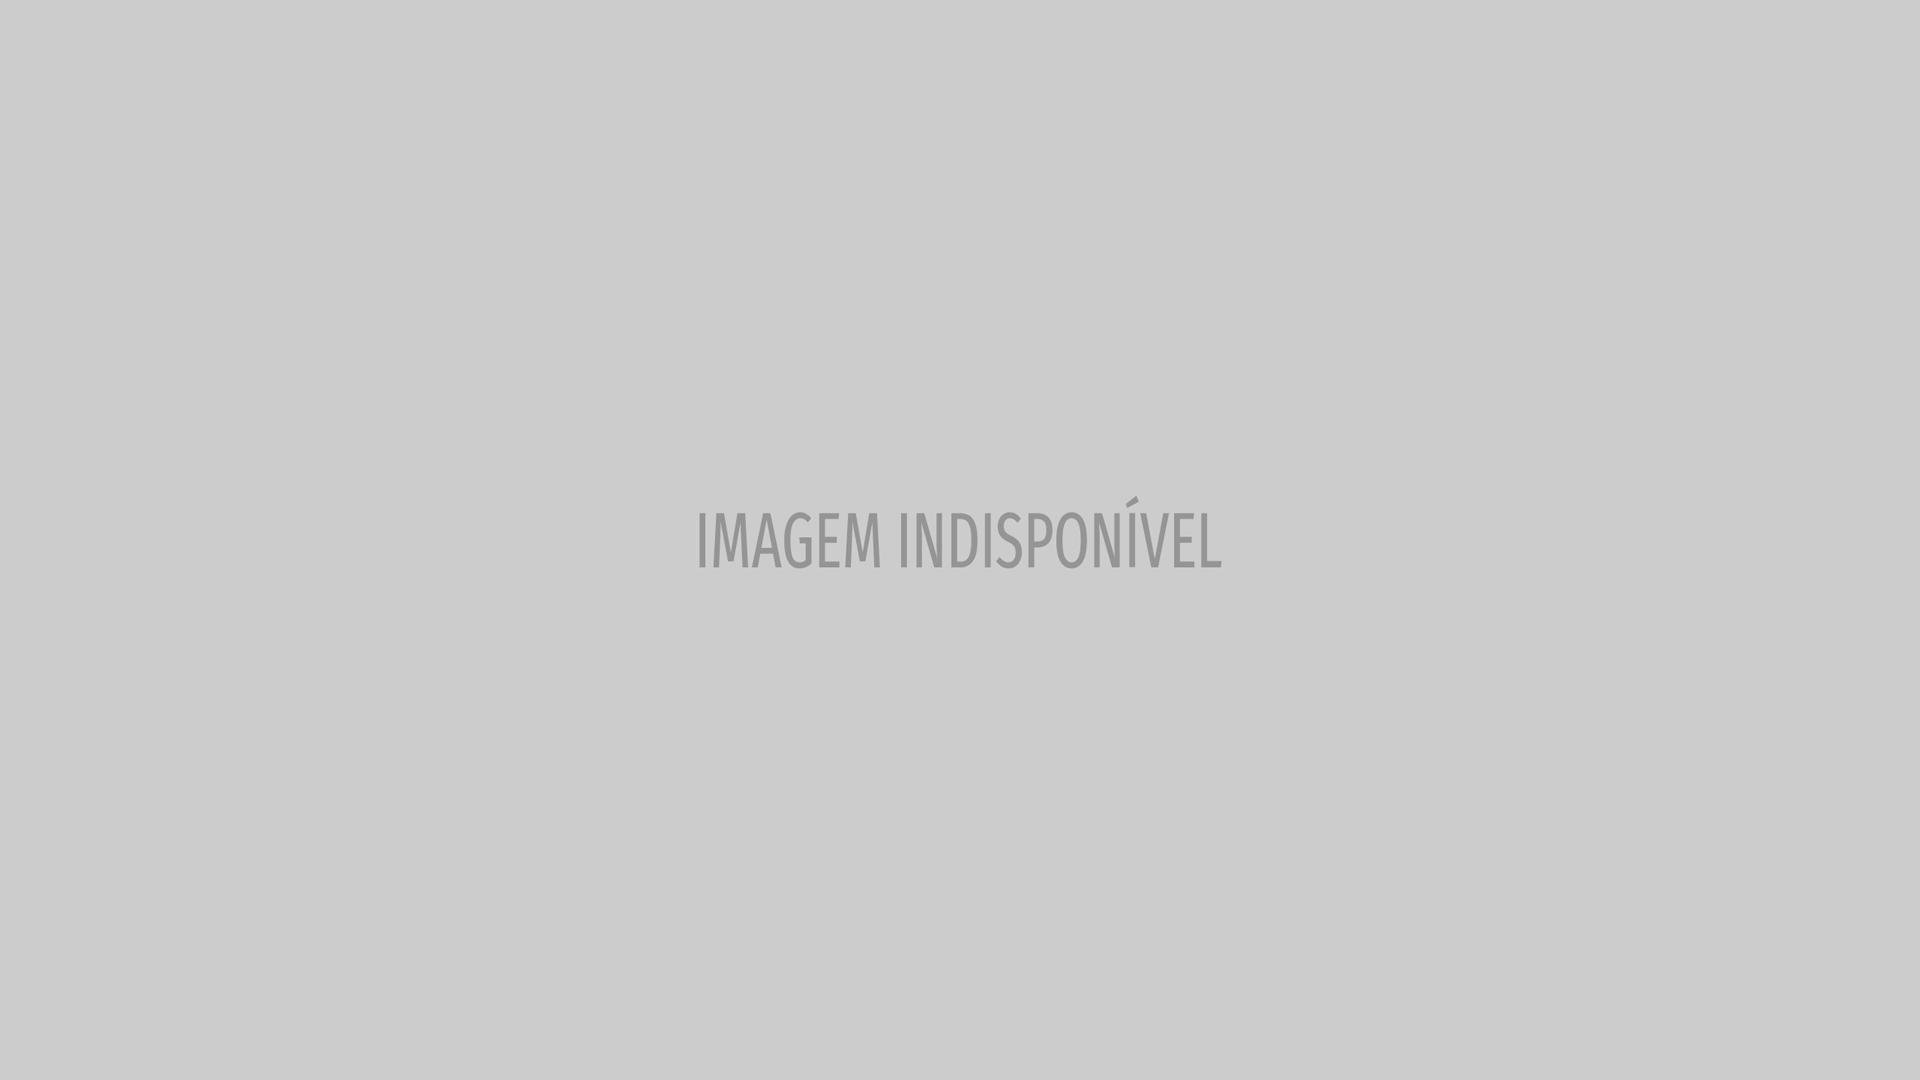 Duda Nagle posa com a filha Zoe: 'Coisa mais linda do mundo'